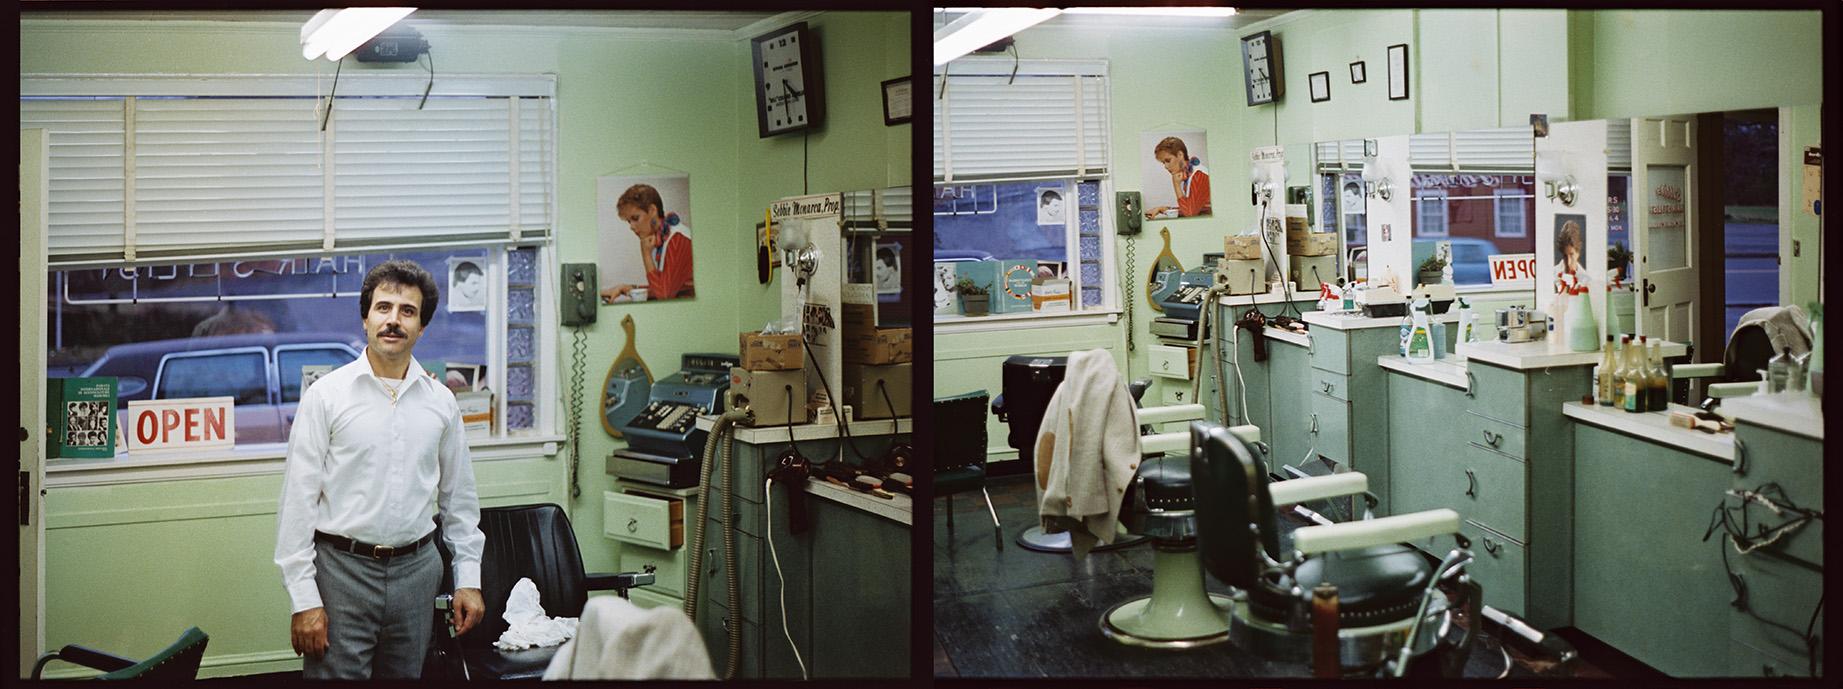 Middletown Barbershop II